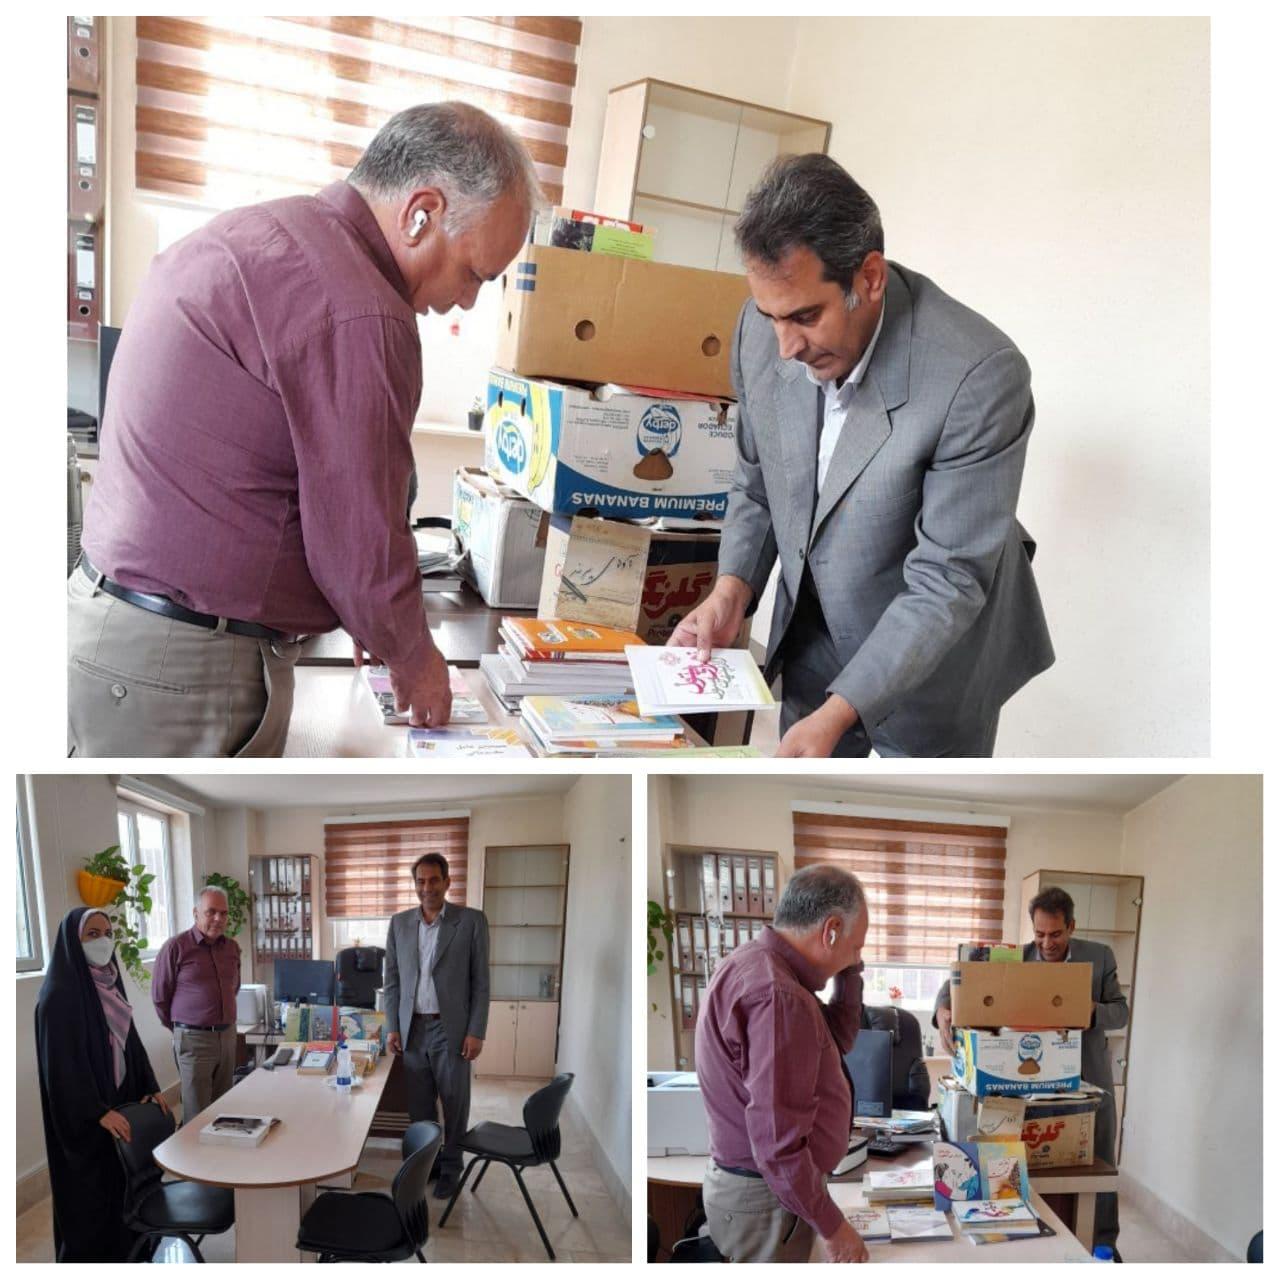 پیوستن رئیس کمیسیون اقتصاد و سرمایه گذاری شورای اسلامی شهر پرند به پویش اهداء کتاب به کتابخانه بوستان بانوان